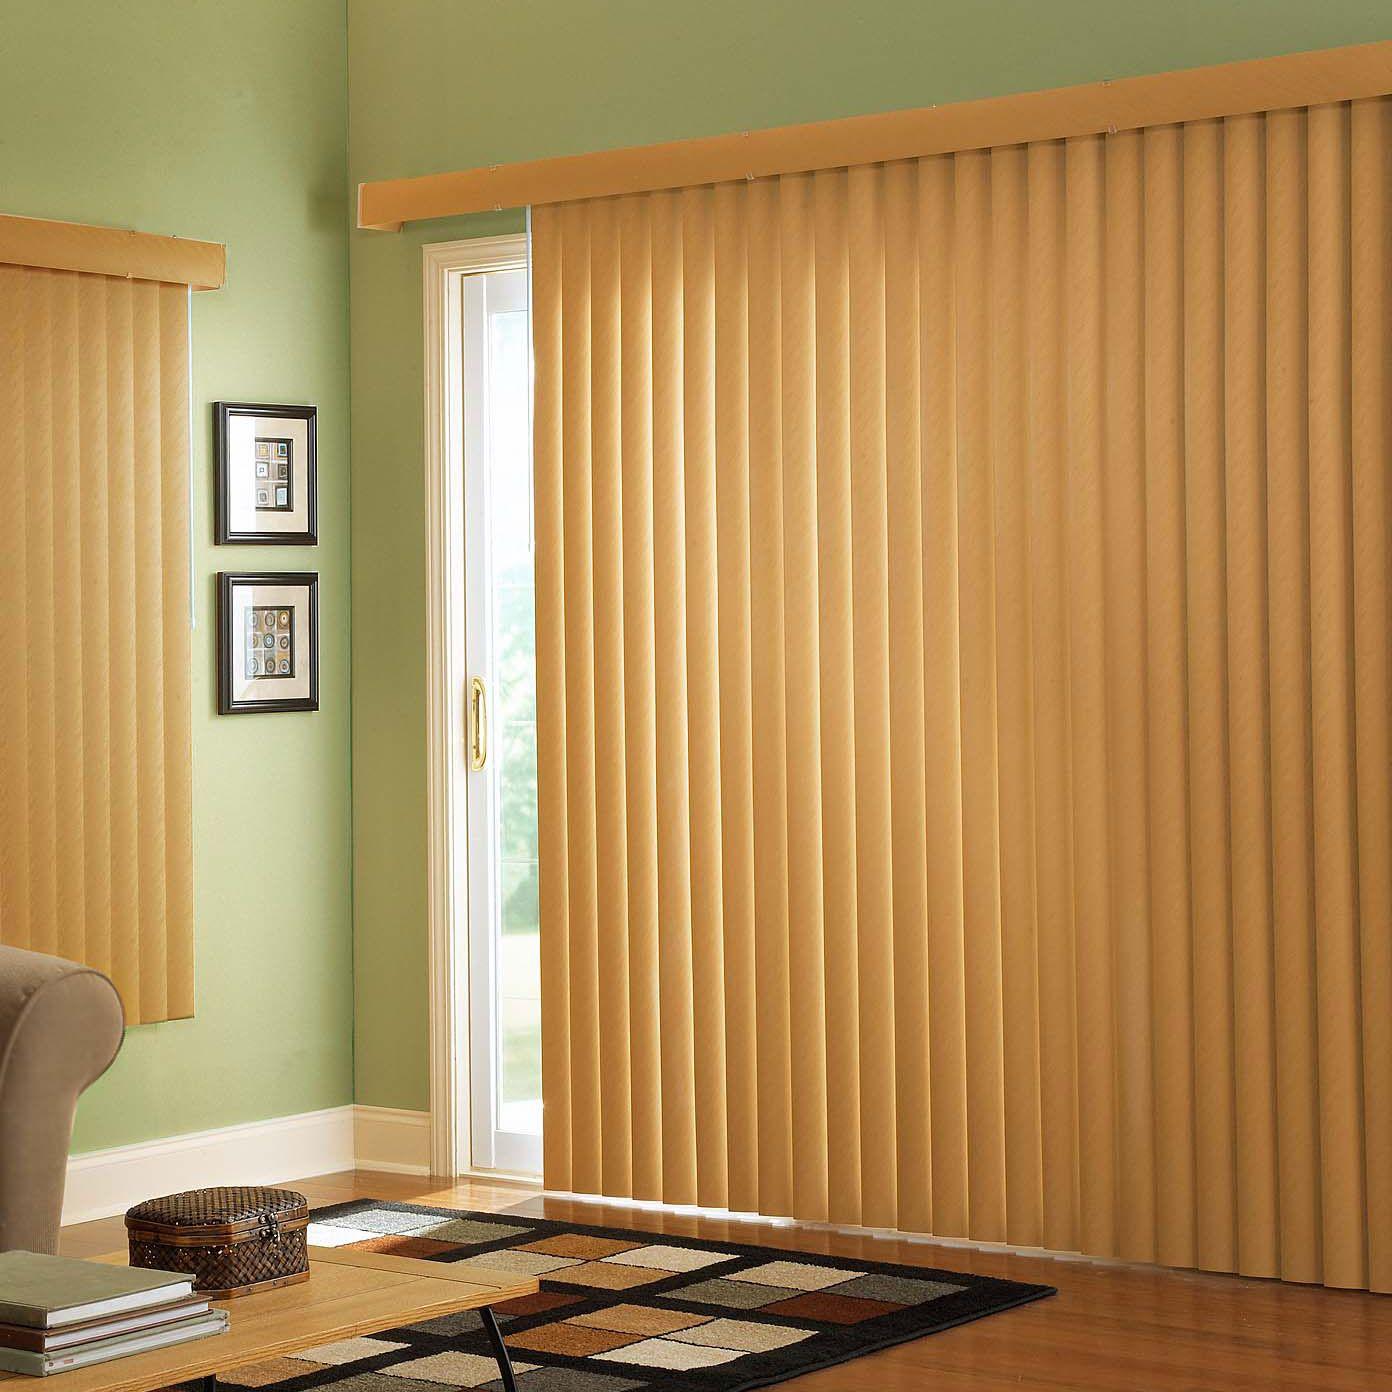 Cortinas para sala como escolher o modelo perfeito para voc - Diferentes modelos de cortinas para sala ...